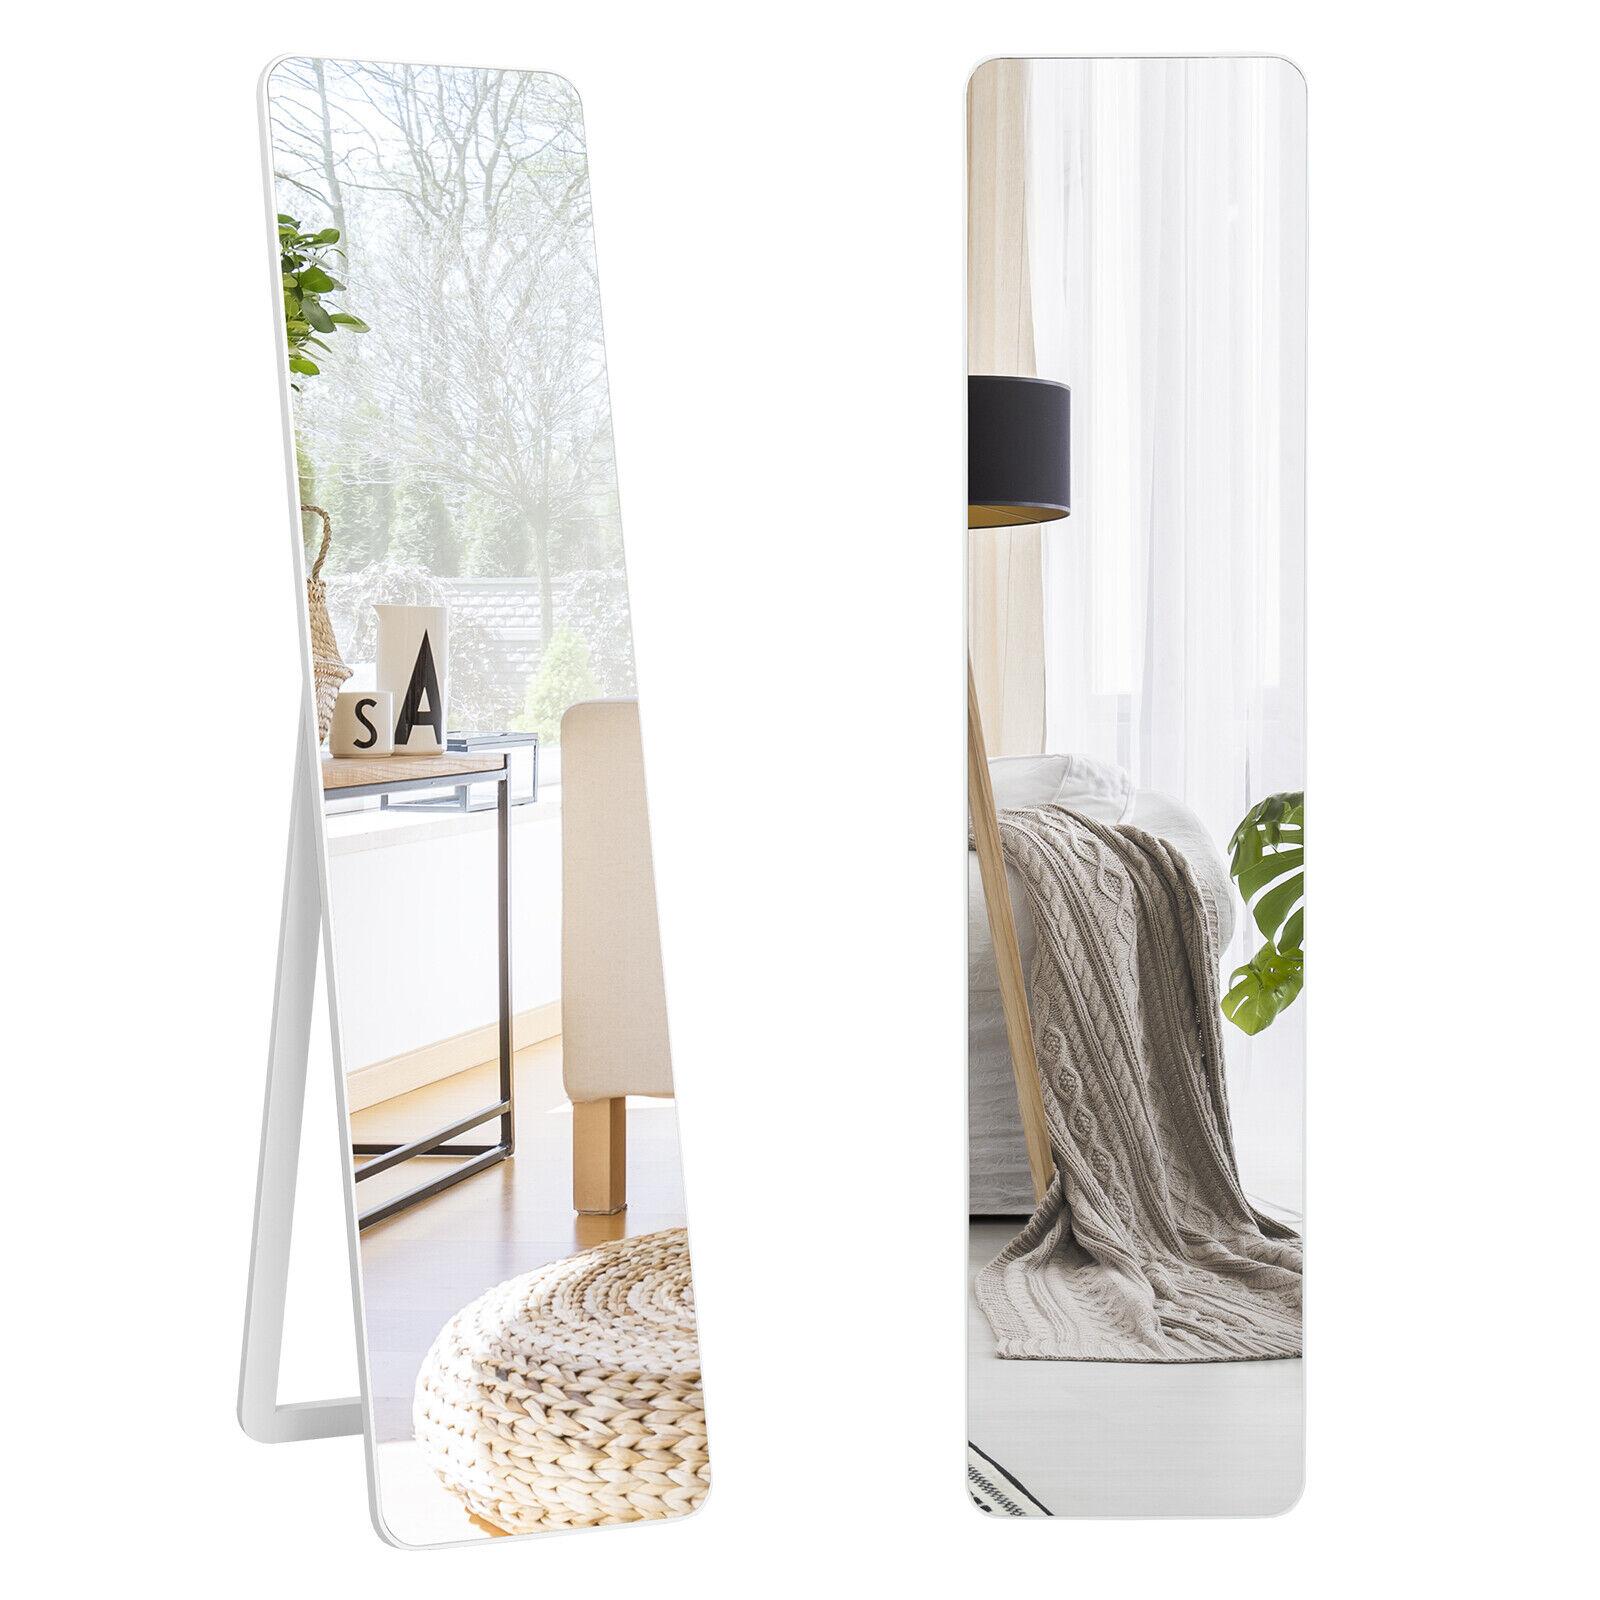 2 in 1 Ganzkörperspiegel Standspiegel&Wandspiegel mit Holzrahmen Ankleidespiegel